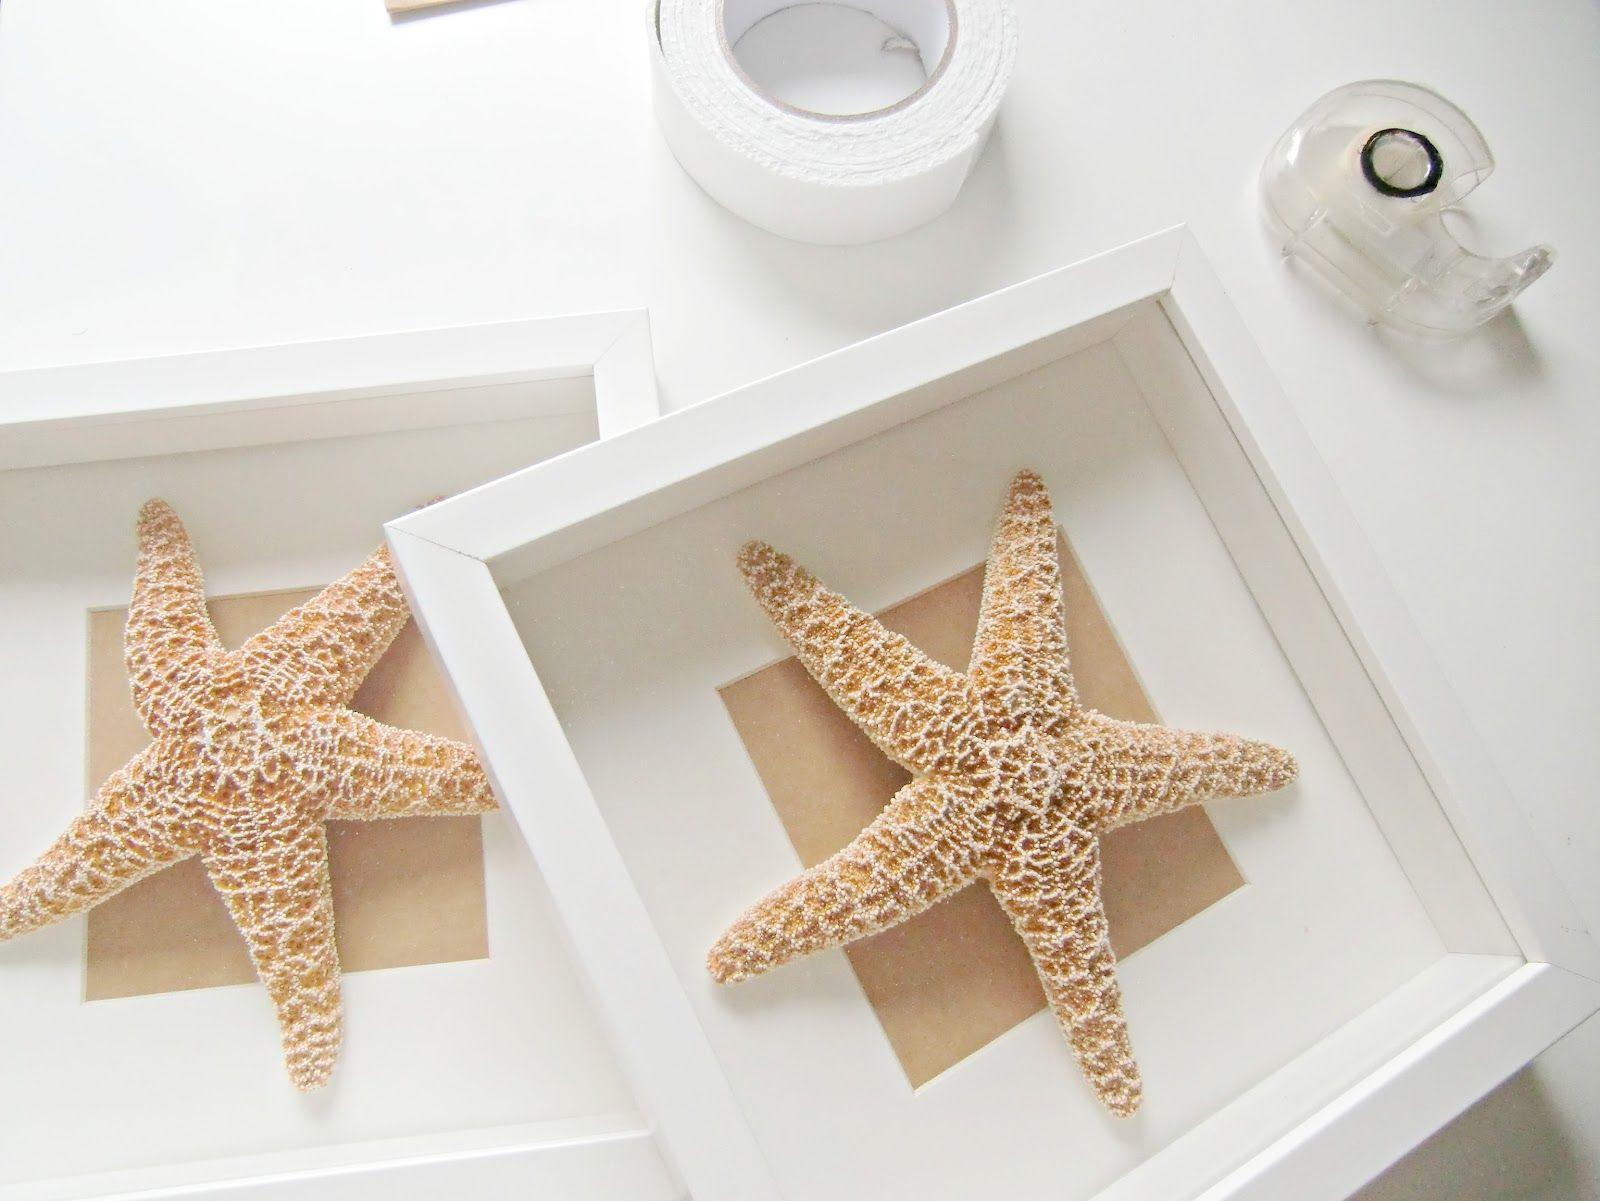 Cuadros con conchas de mar   Visioninteriorista.com   Villa marina ...